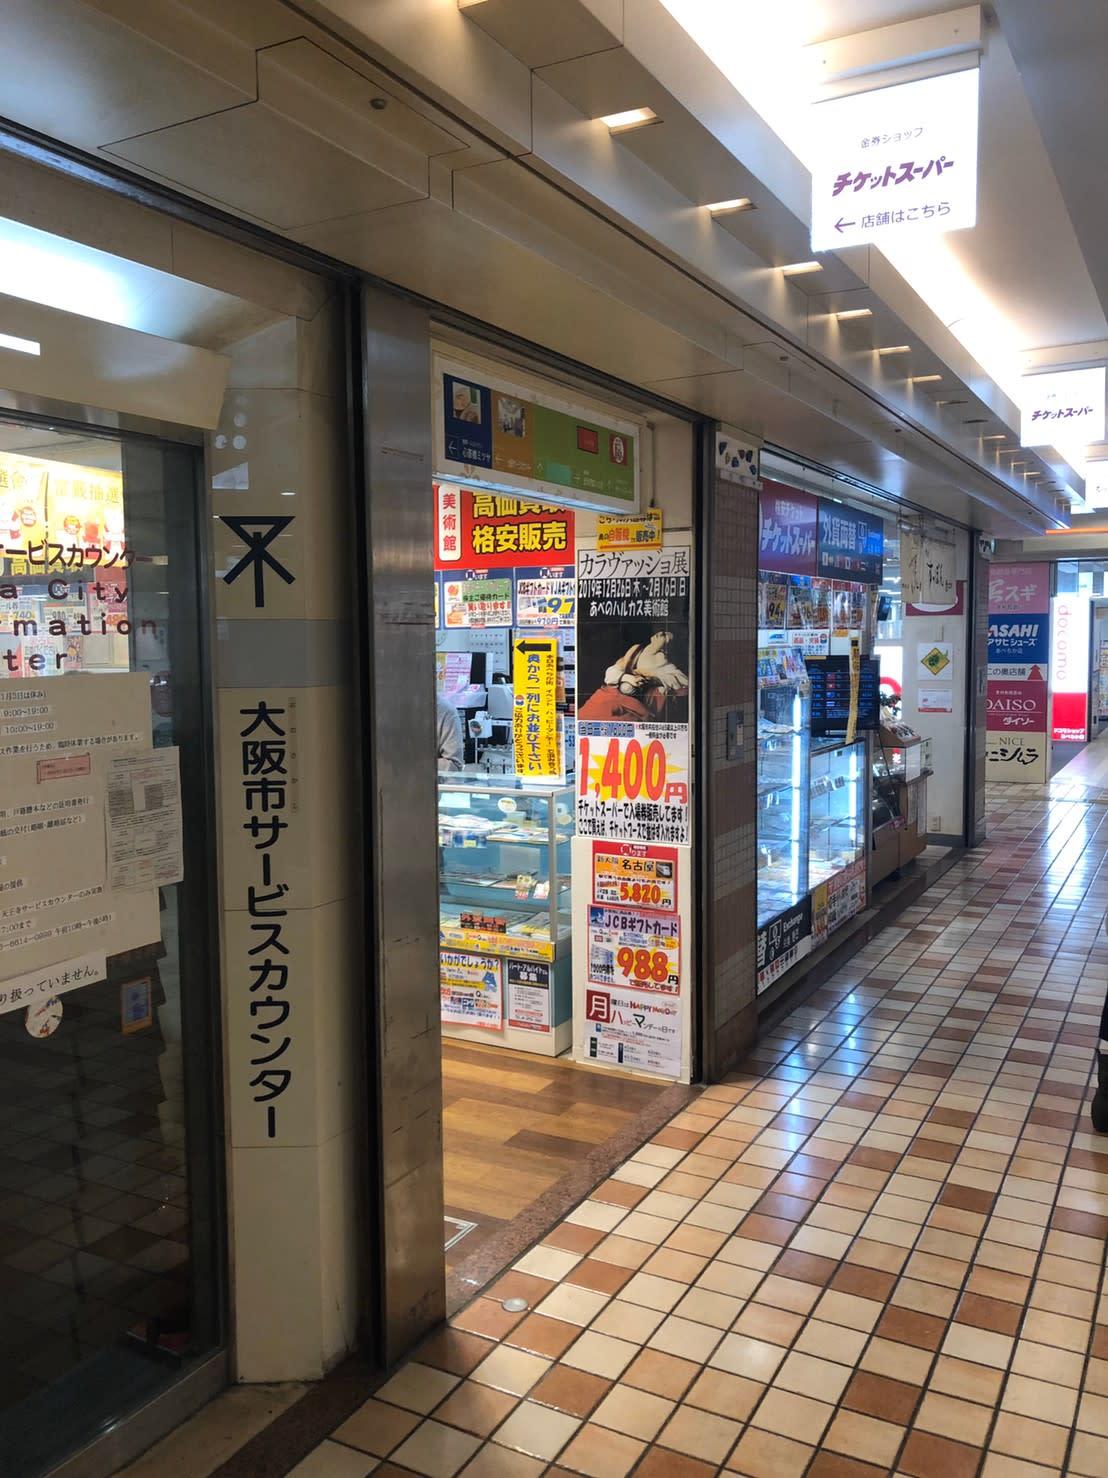 天王寺駅からチケットプラザ4